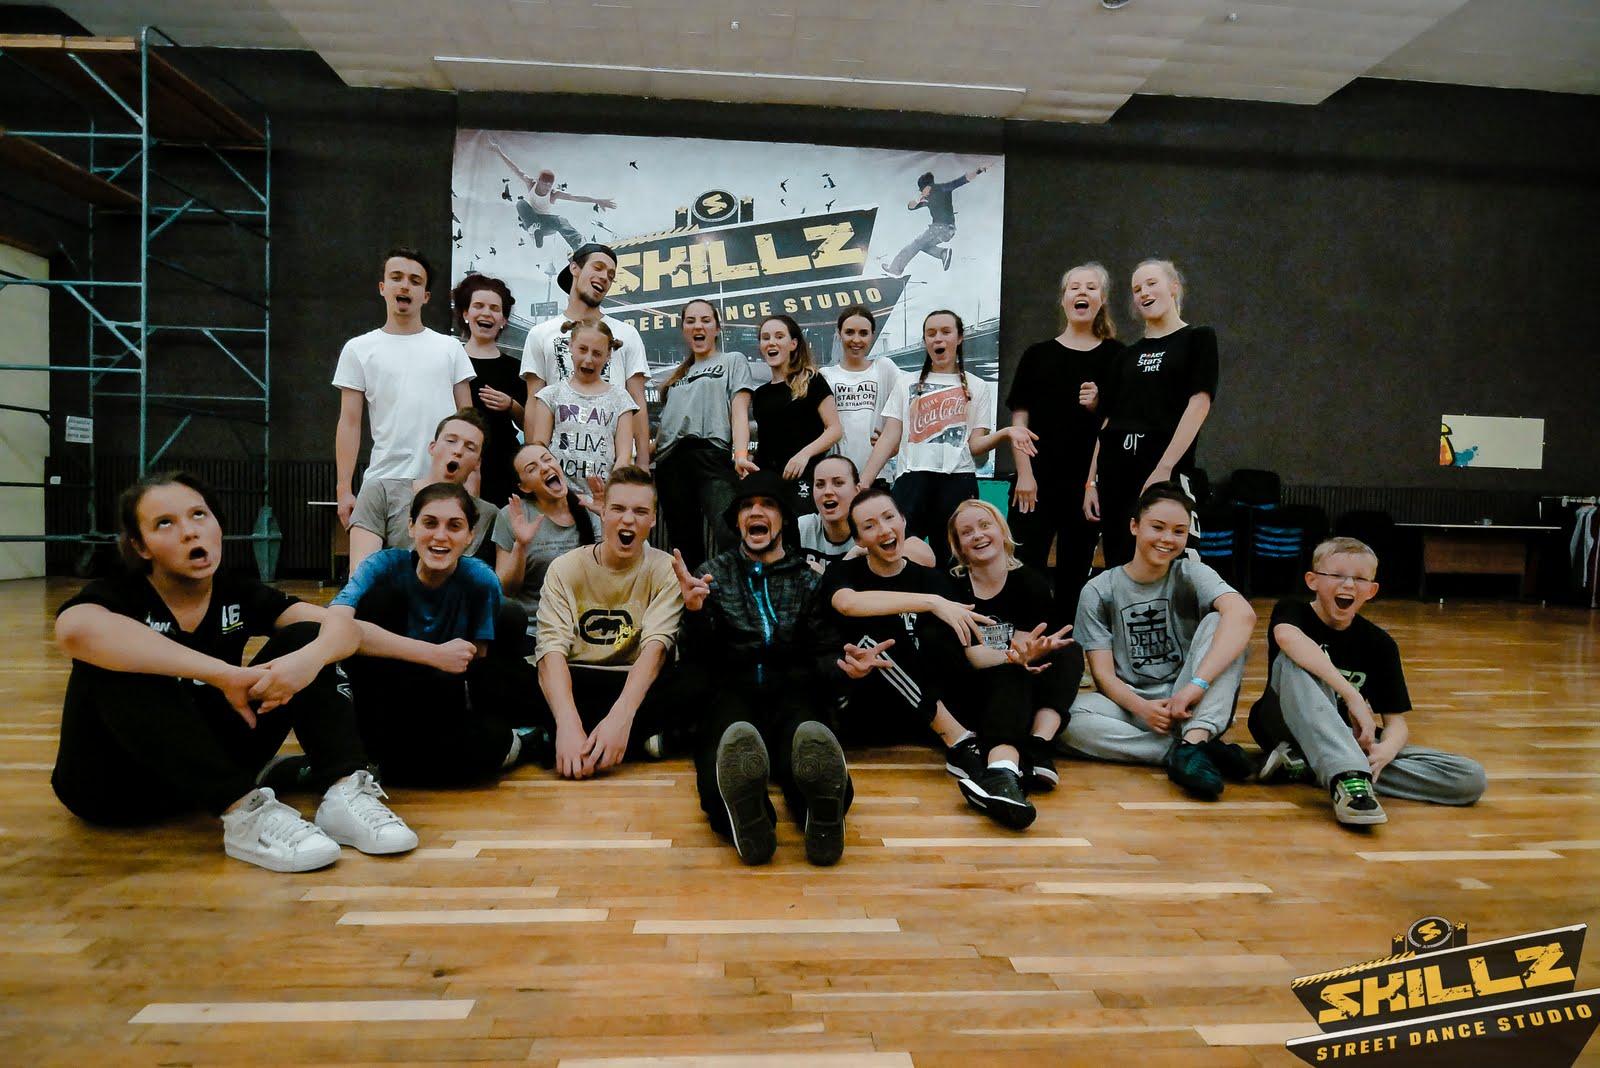 Hip hop seminaras su Jeka iš Maskvos - _1050270.jpg